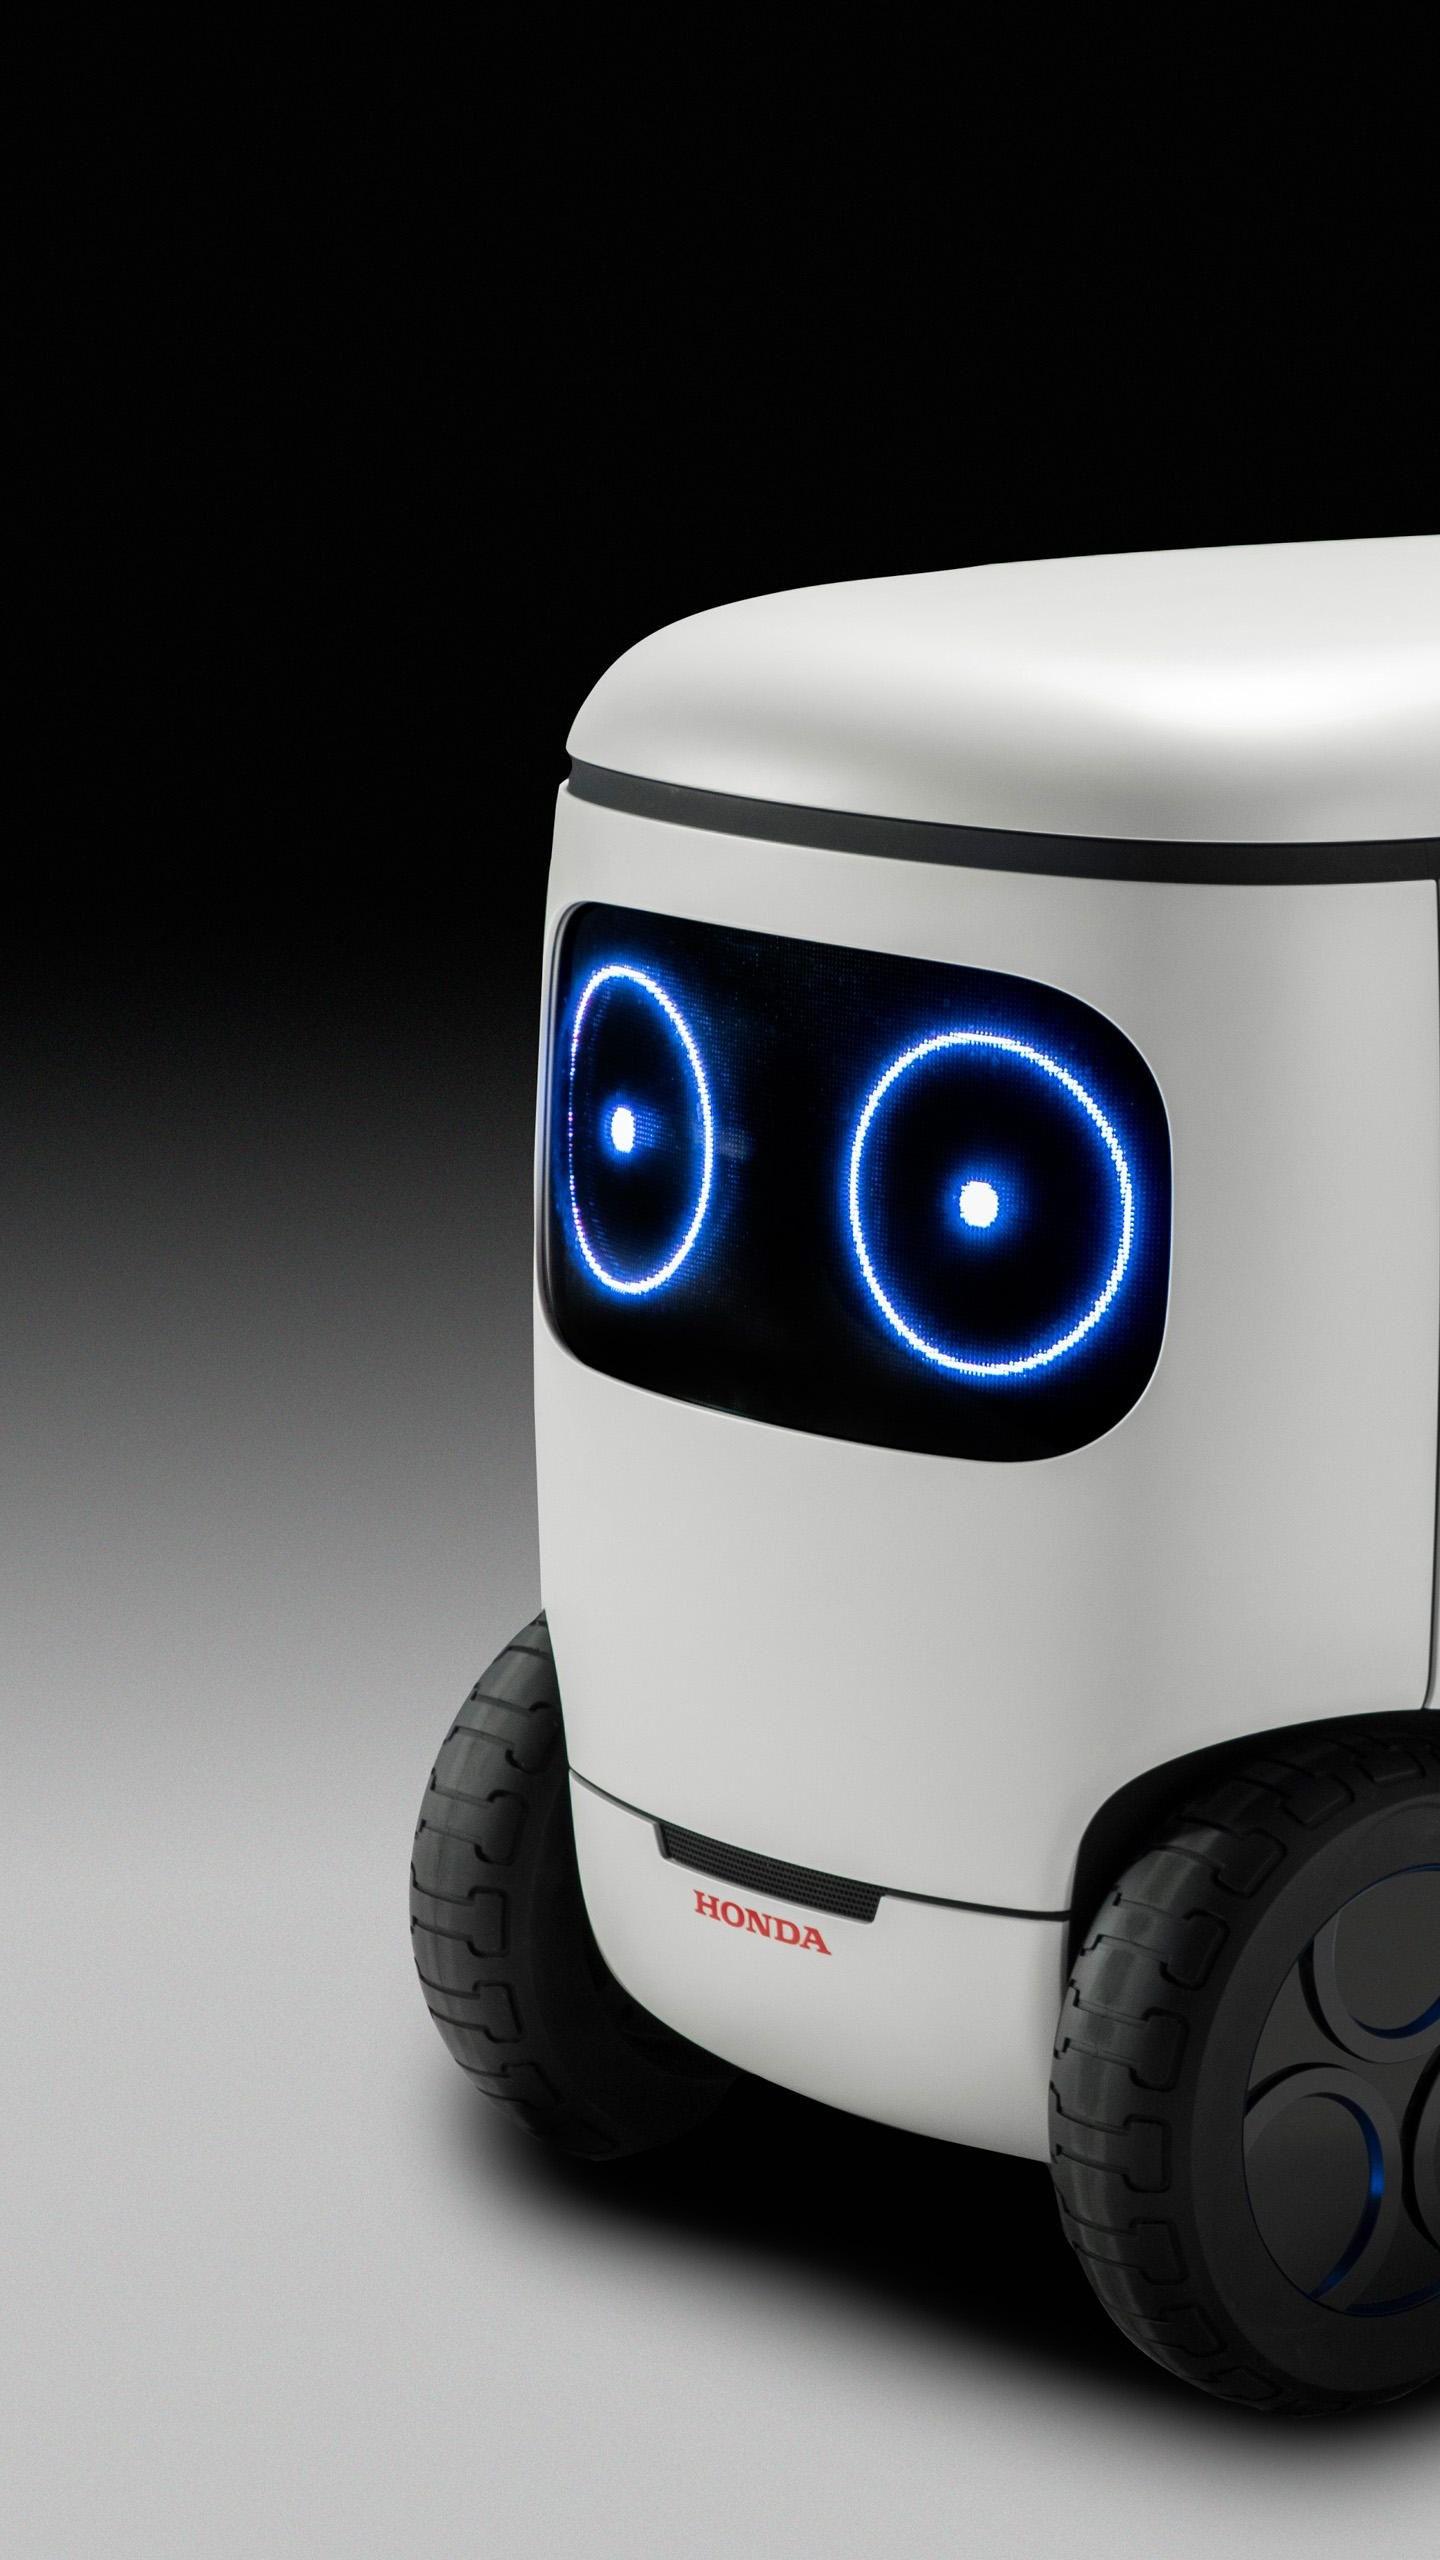 Wallpaper Honda 3E-С18, CES 2018, robot, 4k, Hi-Tech #17243